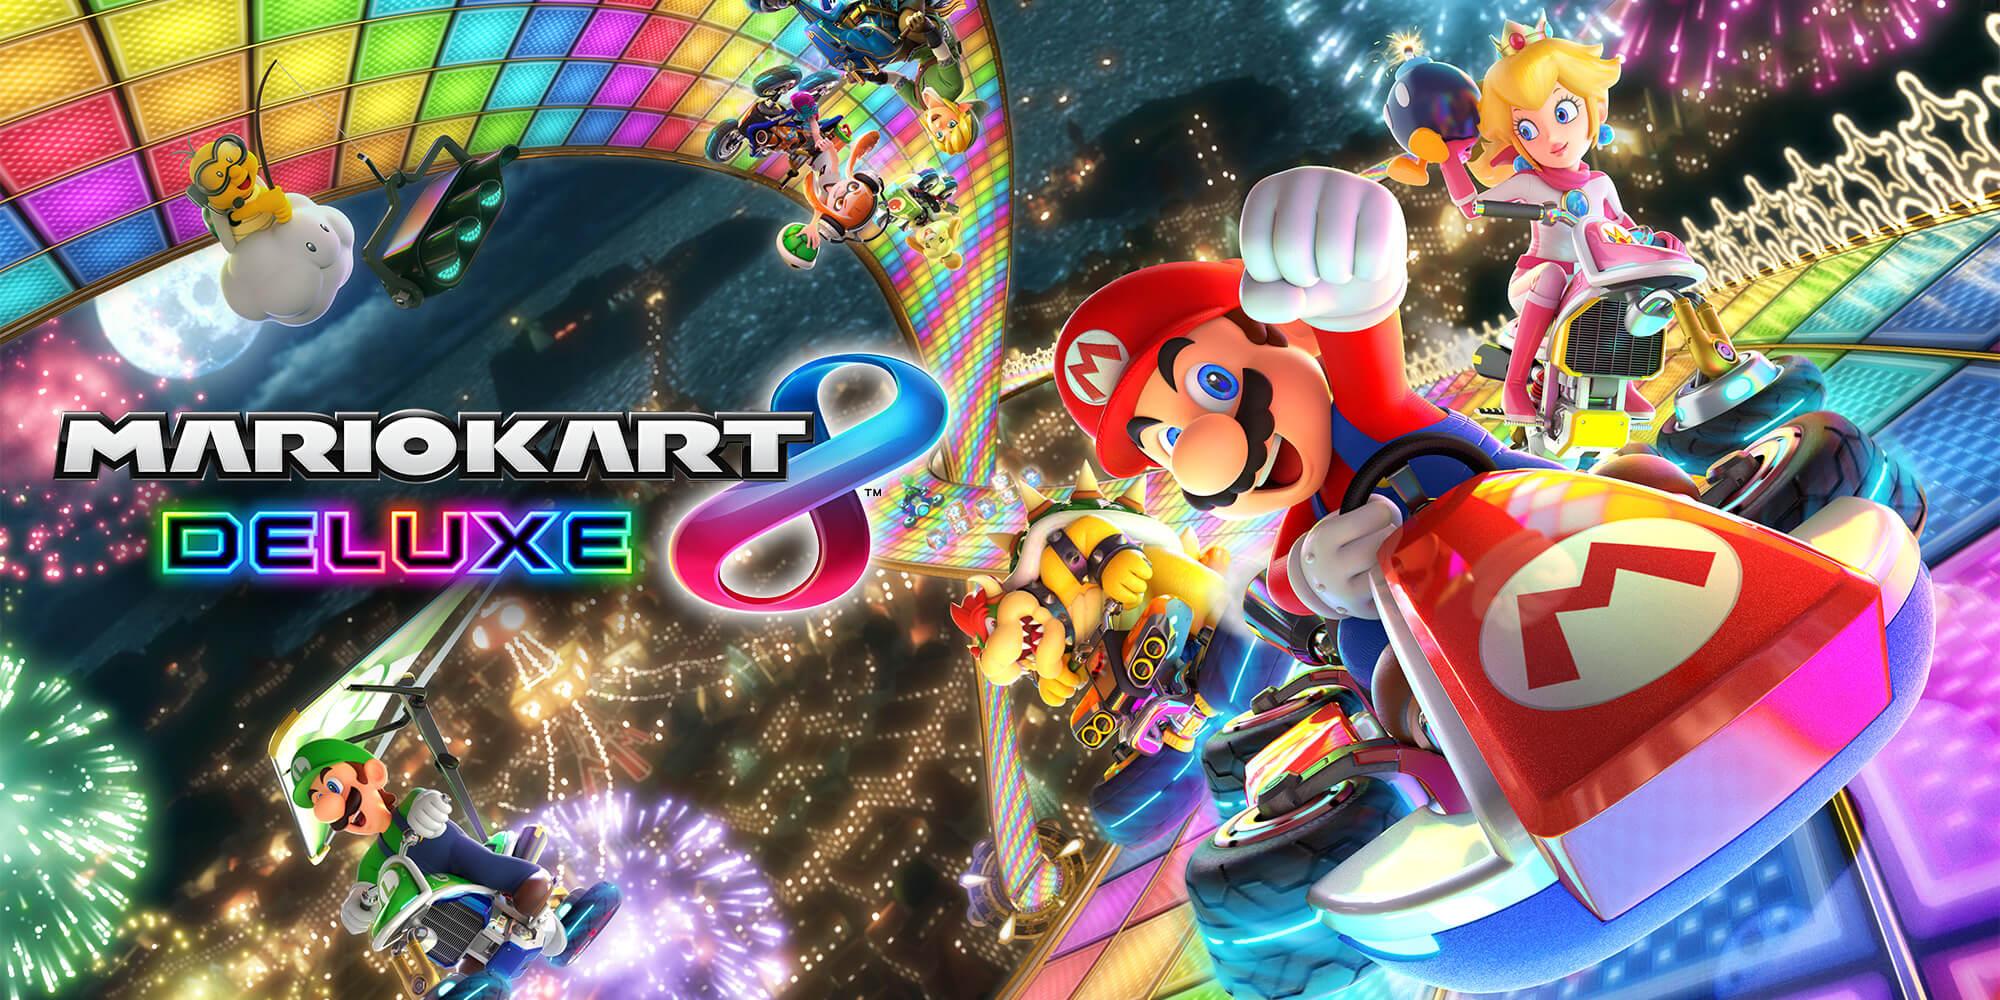 H2x1 NSwitch MarioKart8Deluxe - Game XP no Rio: veja as atrações e como chegar ao evento